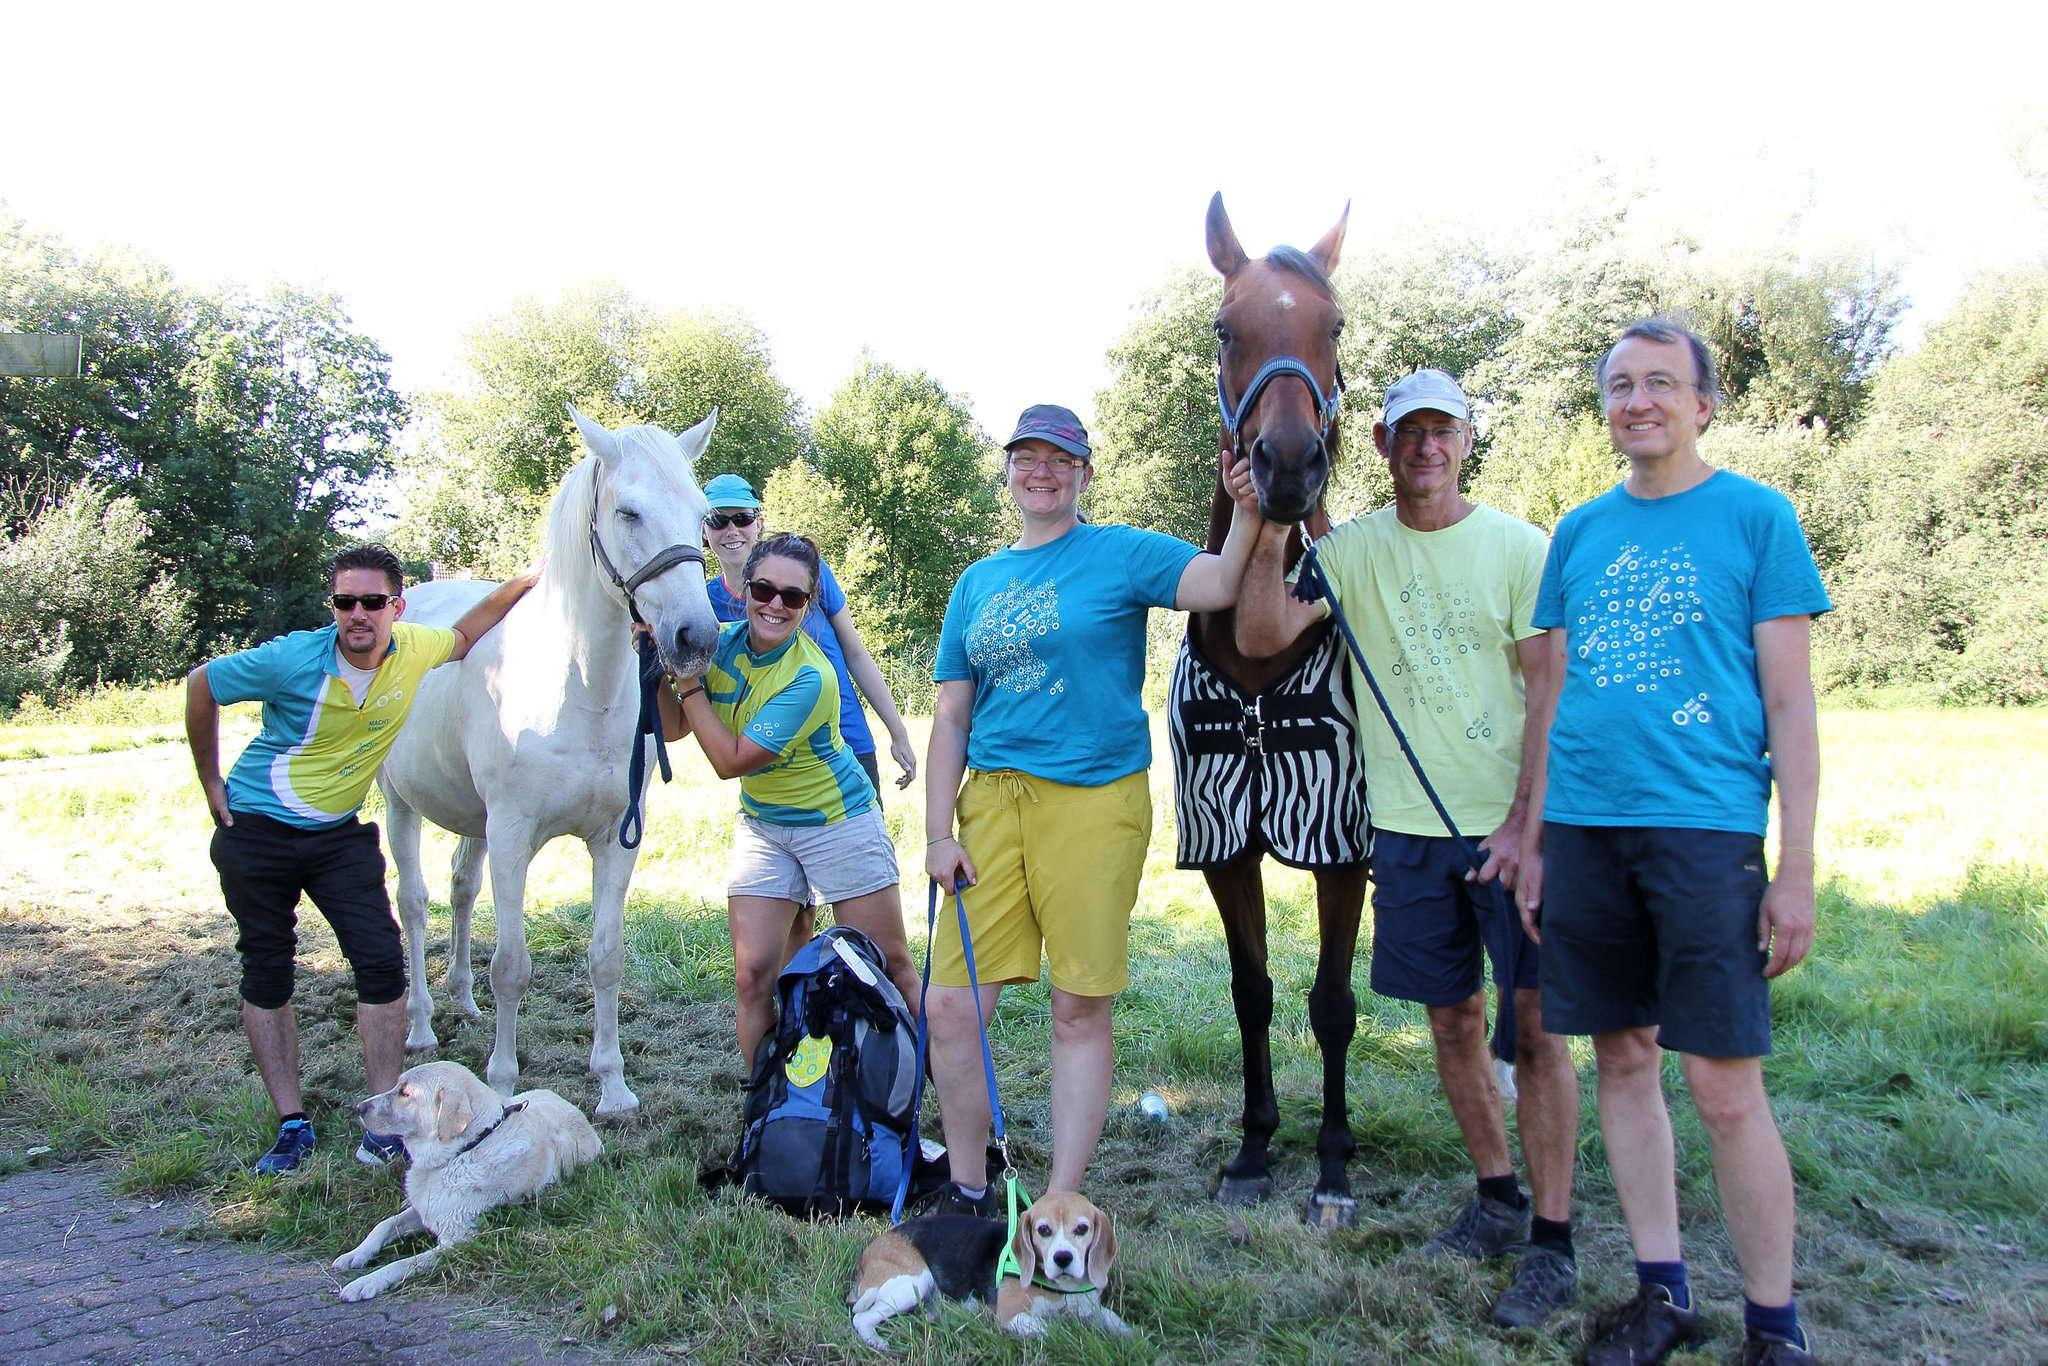 Die Teilnehmer der Mut-Tour werben für mehr Toleranz. Foto: Nina Baucke